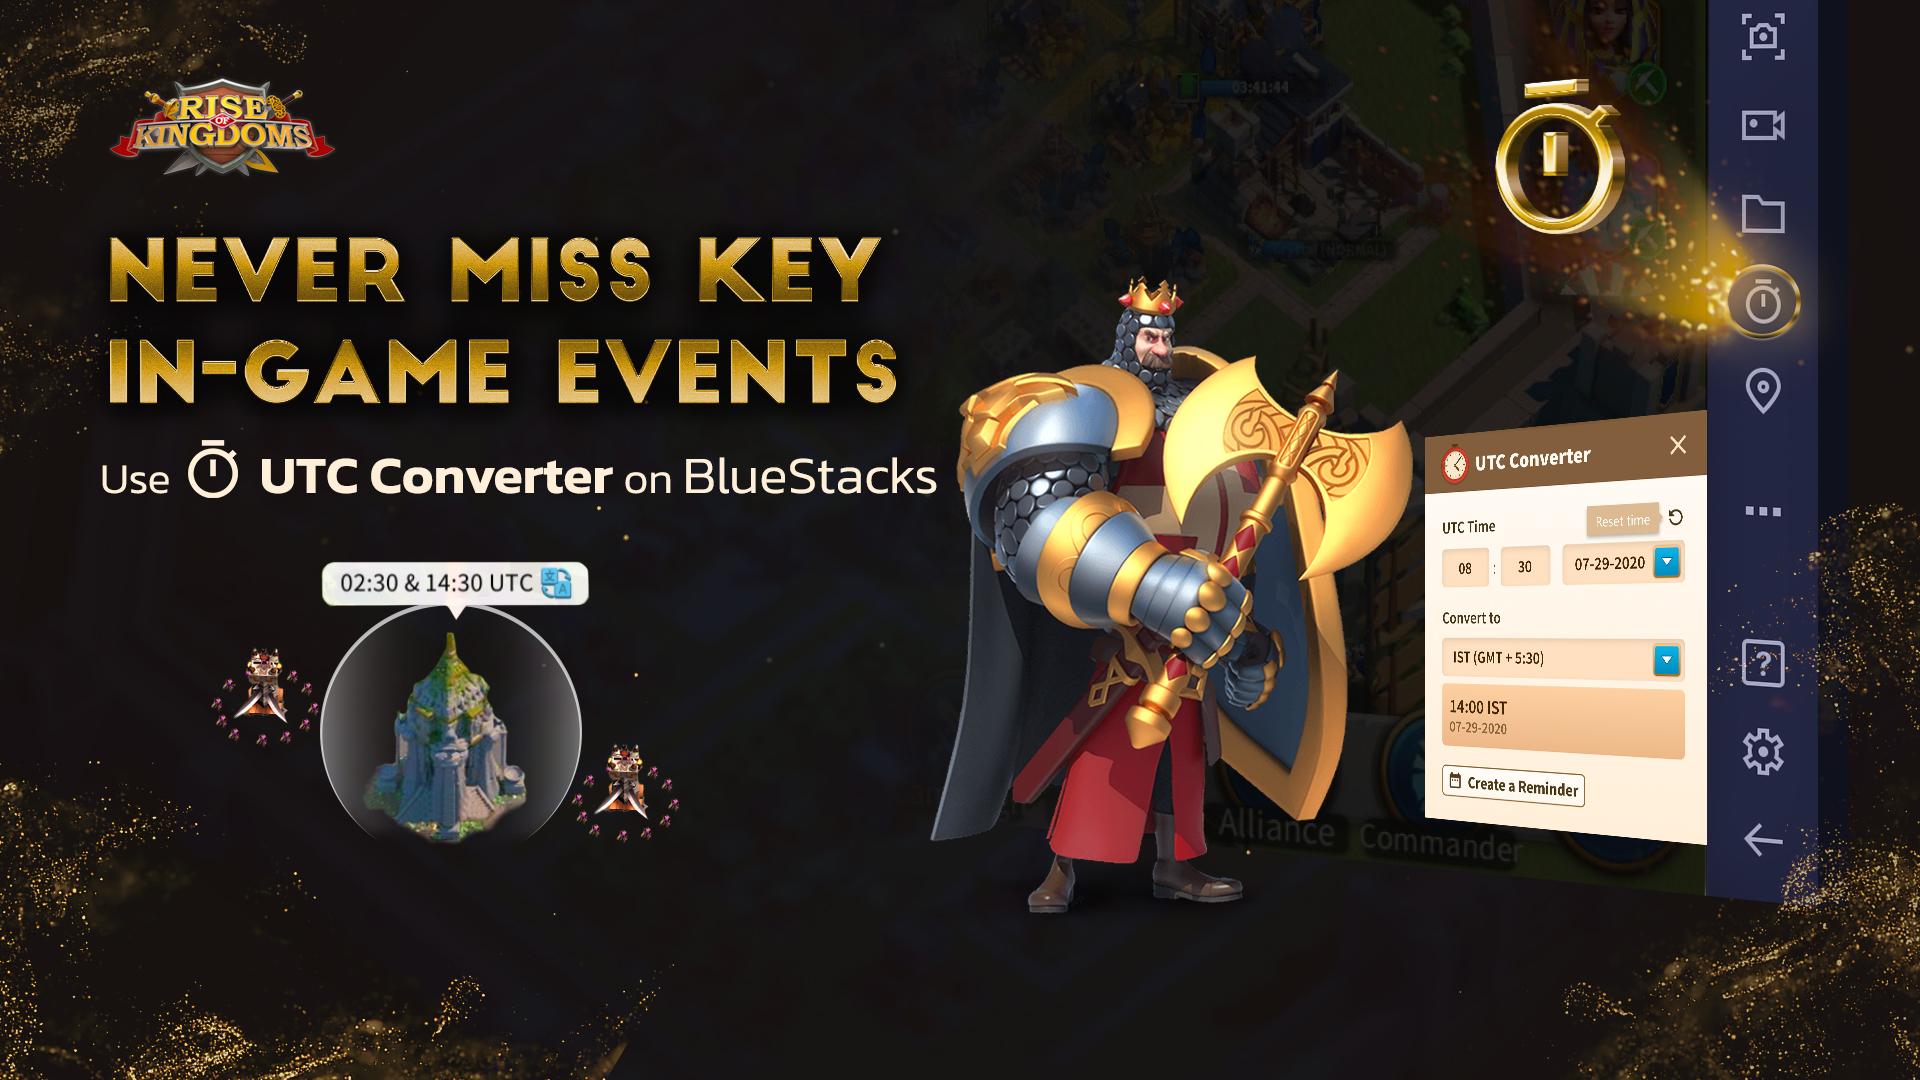 BlueStacks présente le convertisseur UTC : Convertissez les événements de l'UTC à votre fuseau horaire